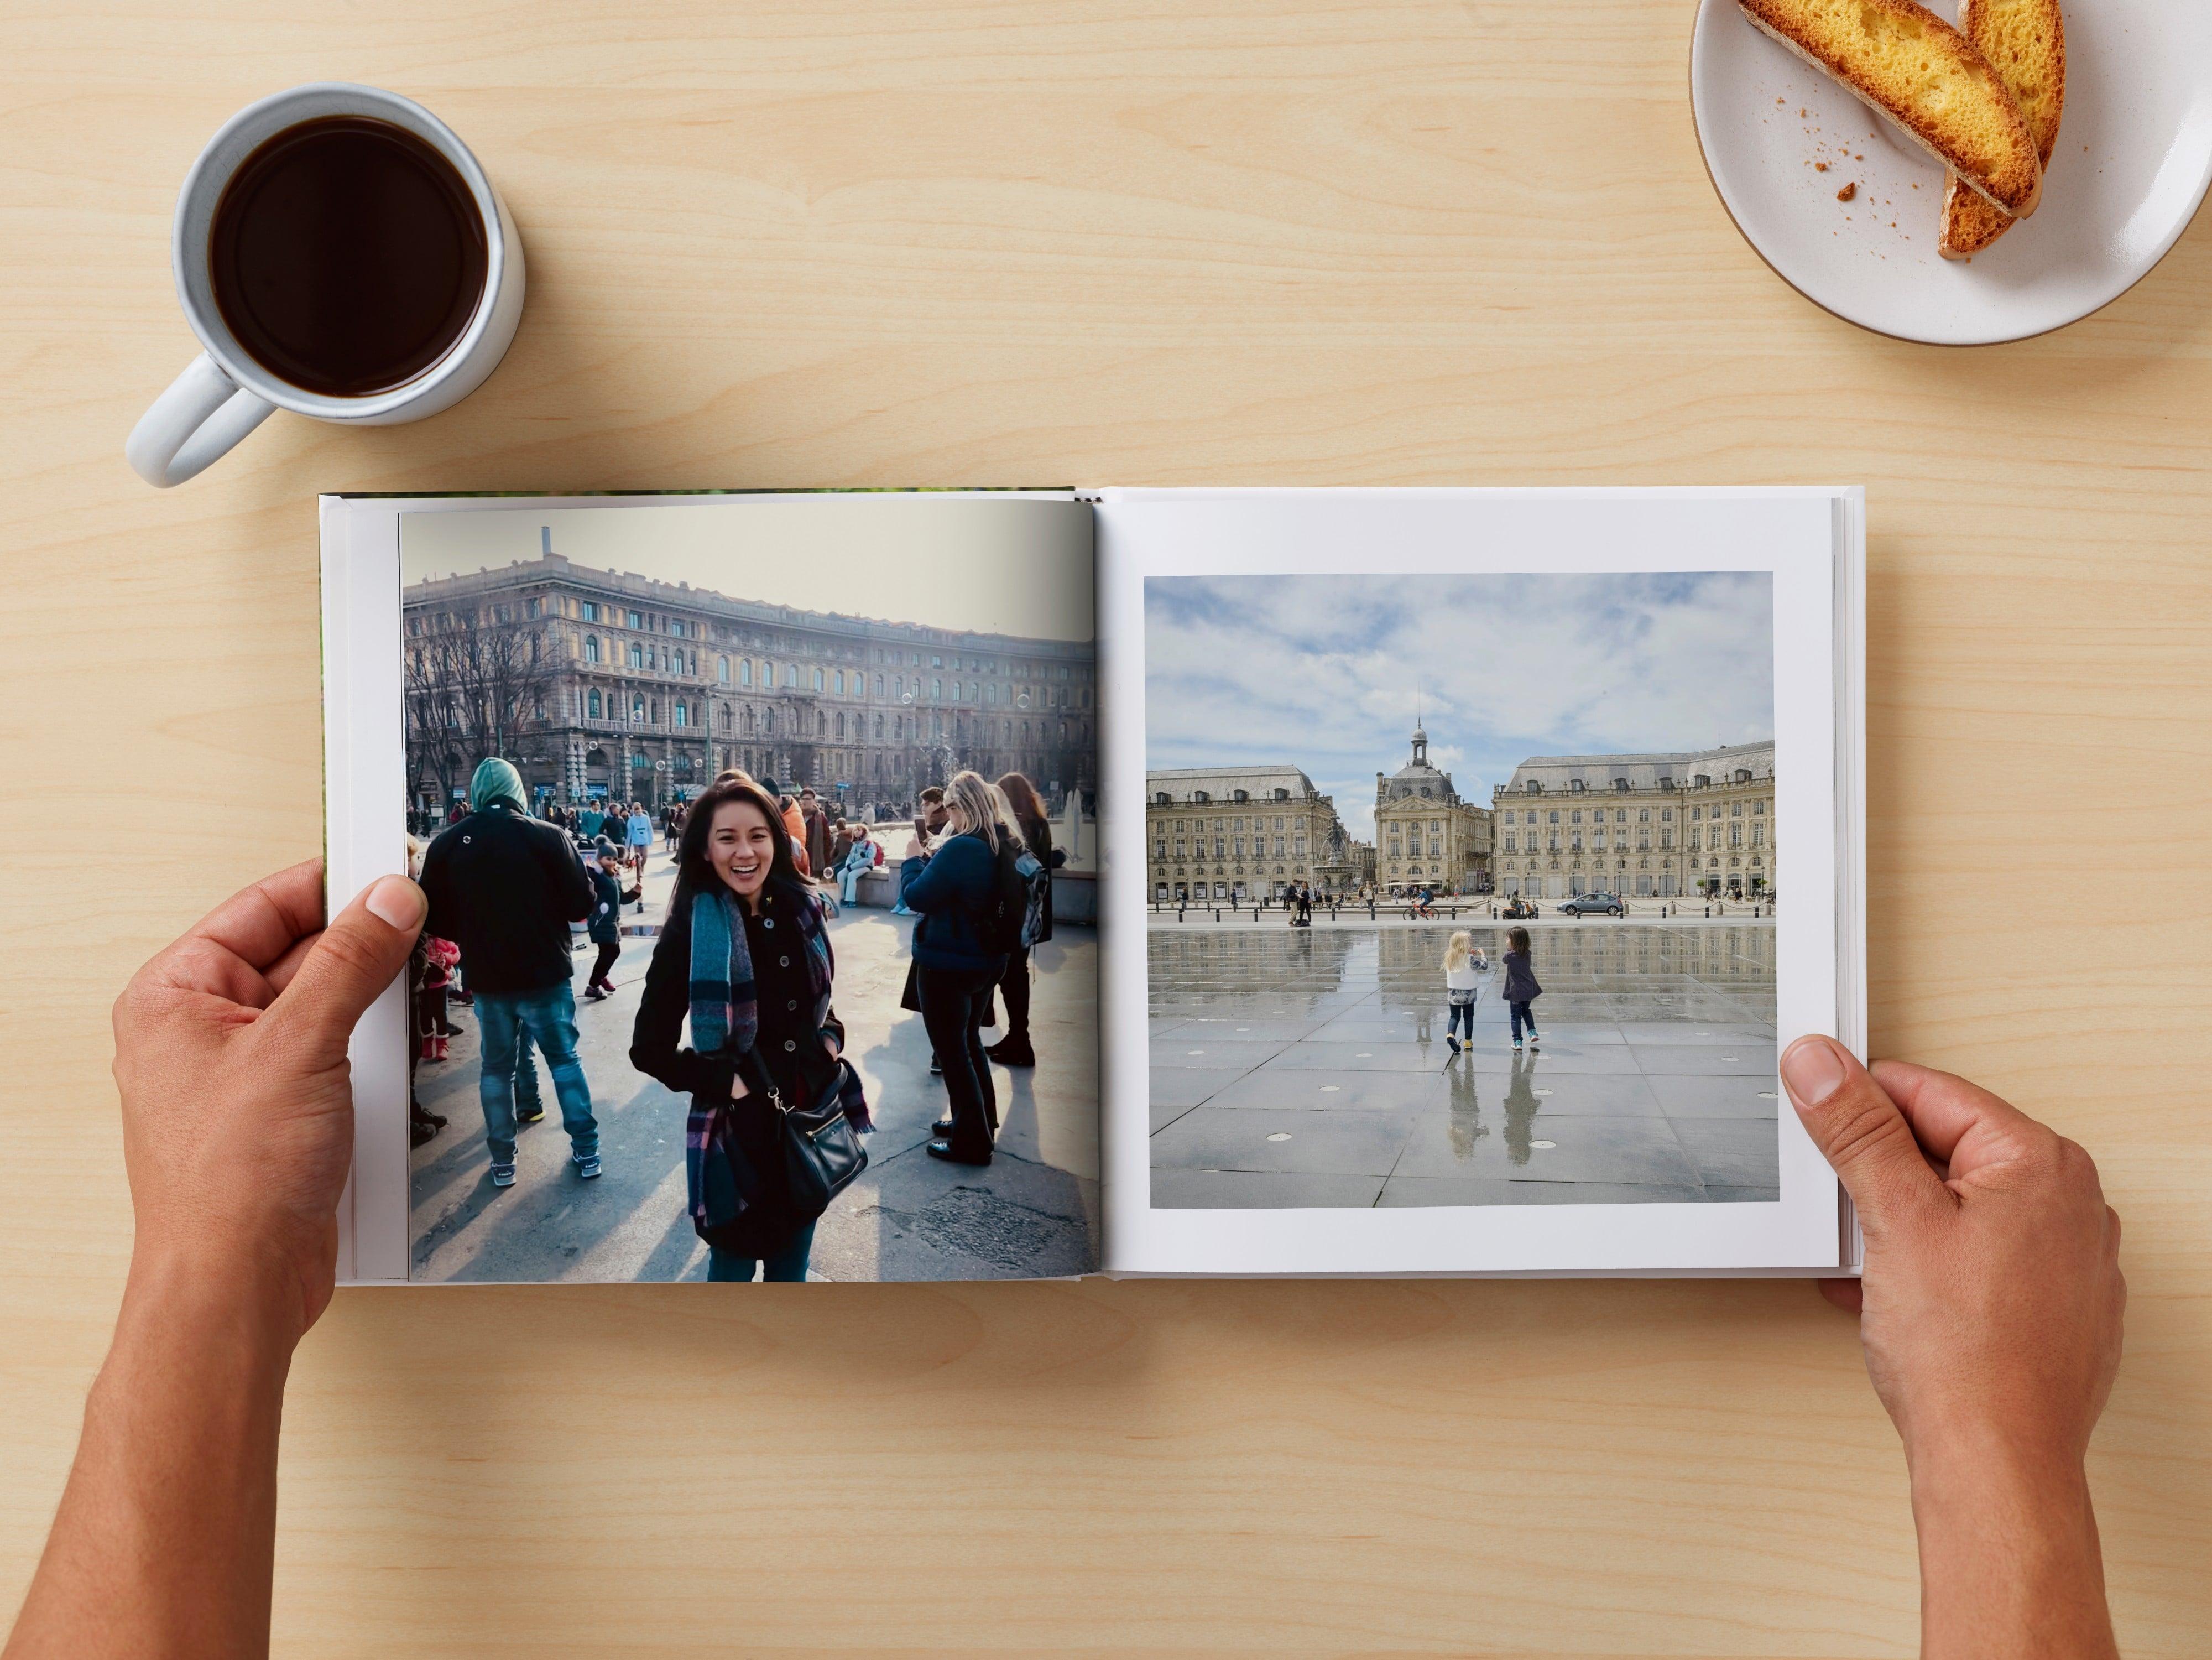 Fotoksiążki od Google już dostępne w Polsce. Papierowy album ze zdjęciami za niecałe 56 zł 18